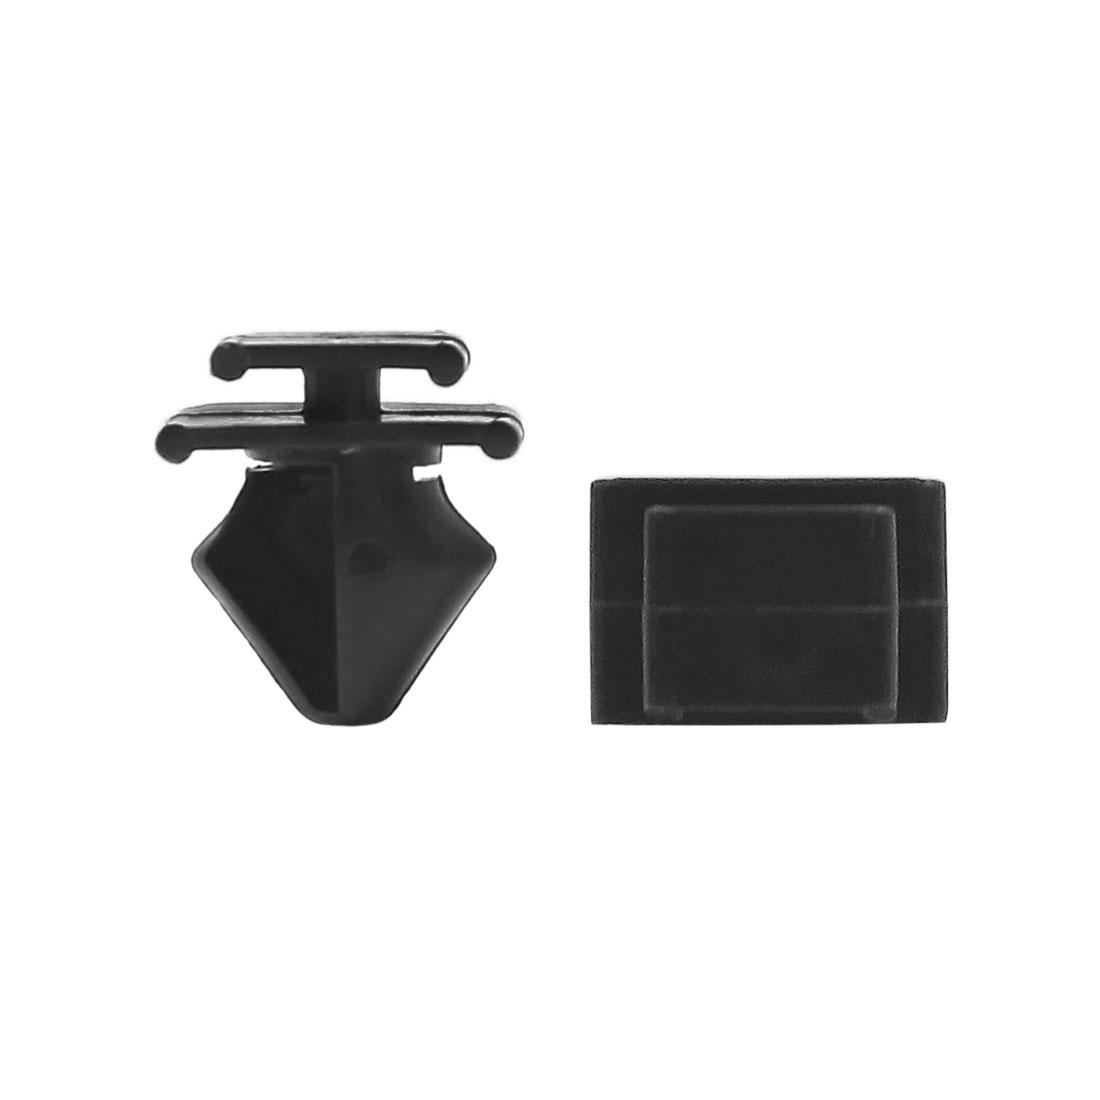 40pcs 12mm Hole Plastic Door Fender Bumper Push Rivets Clip Black for Car